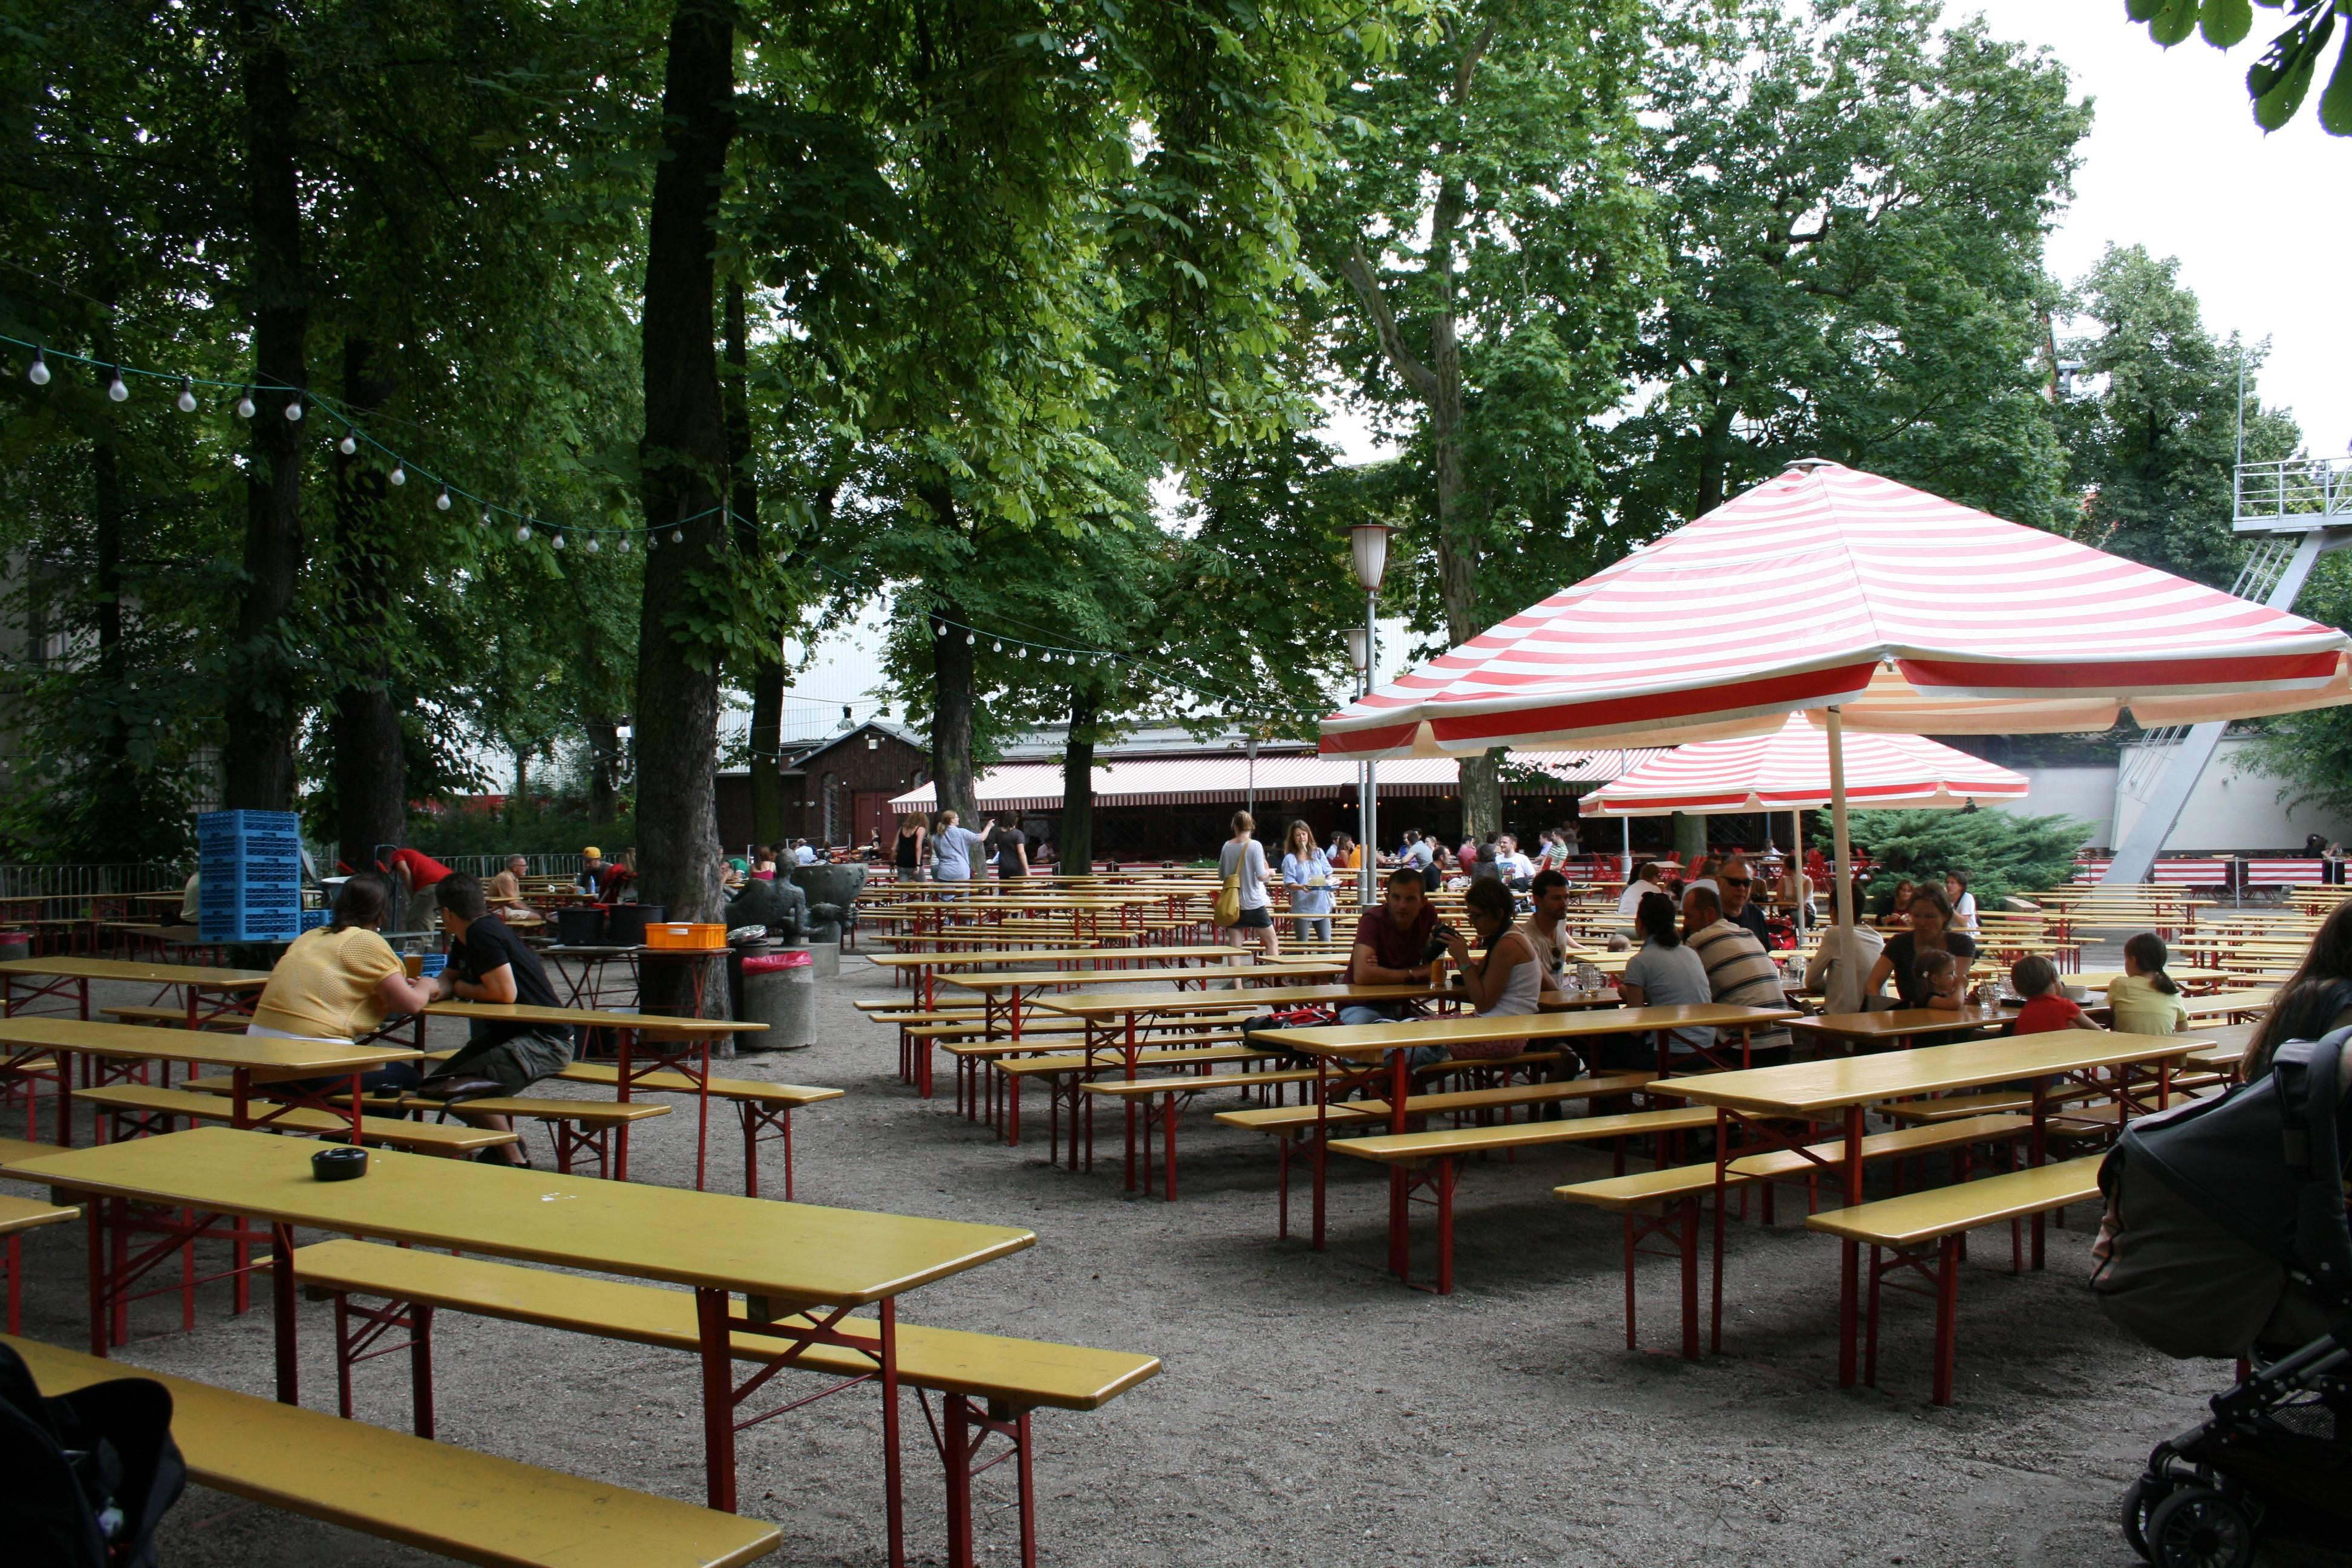 Photo 1: Prater Biergarten : bières et bretzels dans une ambiance conviviale